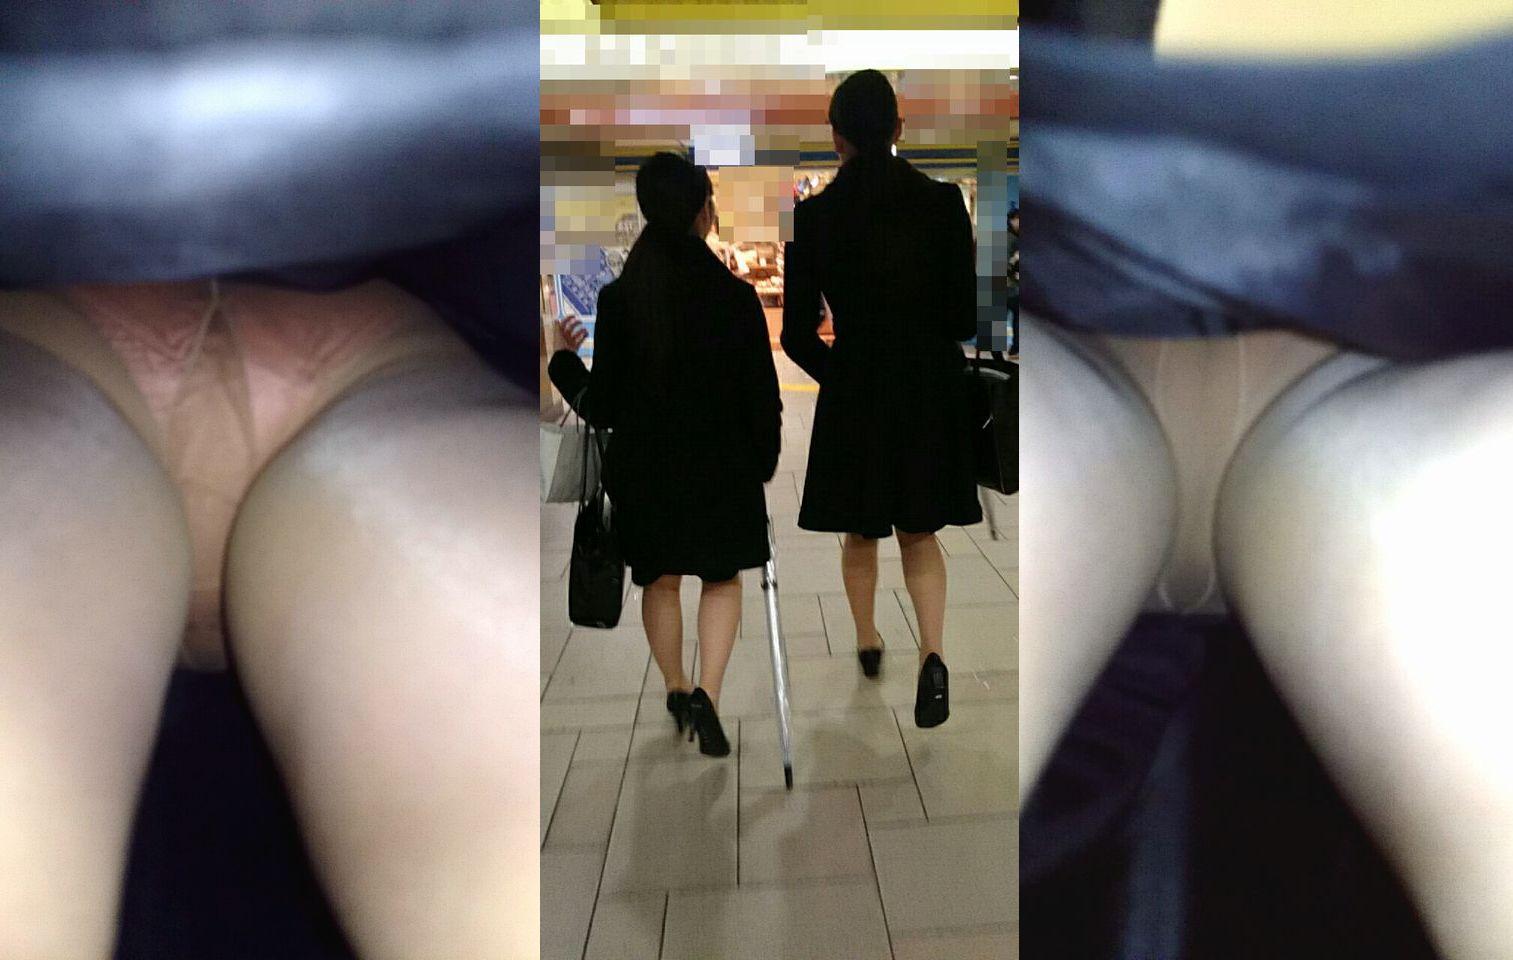 「若妻」ご近所の奥様・・・「美人妻」5人目 [転載禁止]©bbspink.comYouTube動画>33本 ->画像>1362枚